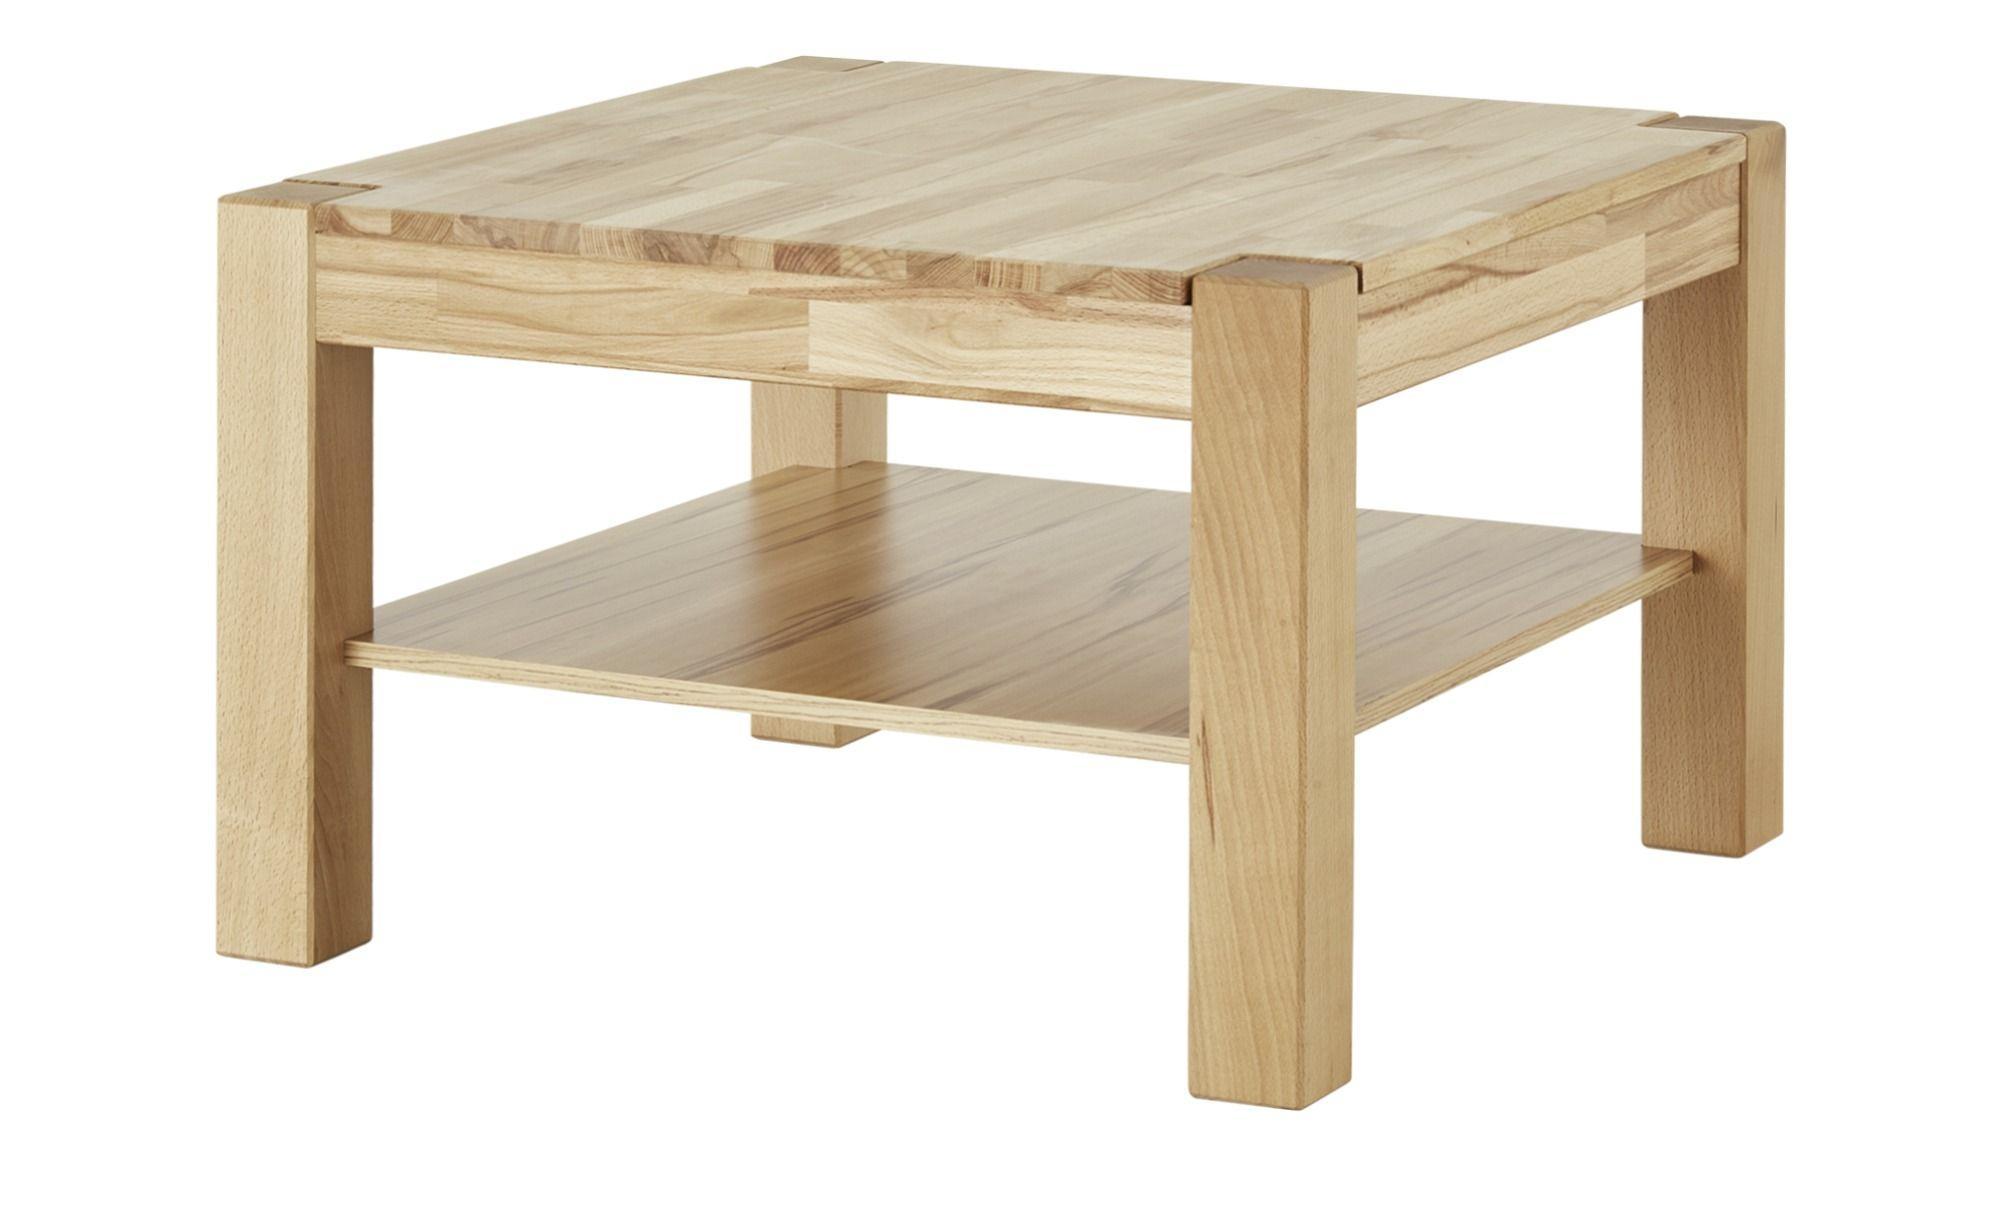 Smart Couchtisch Oslo Couchtisch Tisch Couchtisch Massivholz